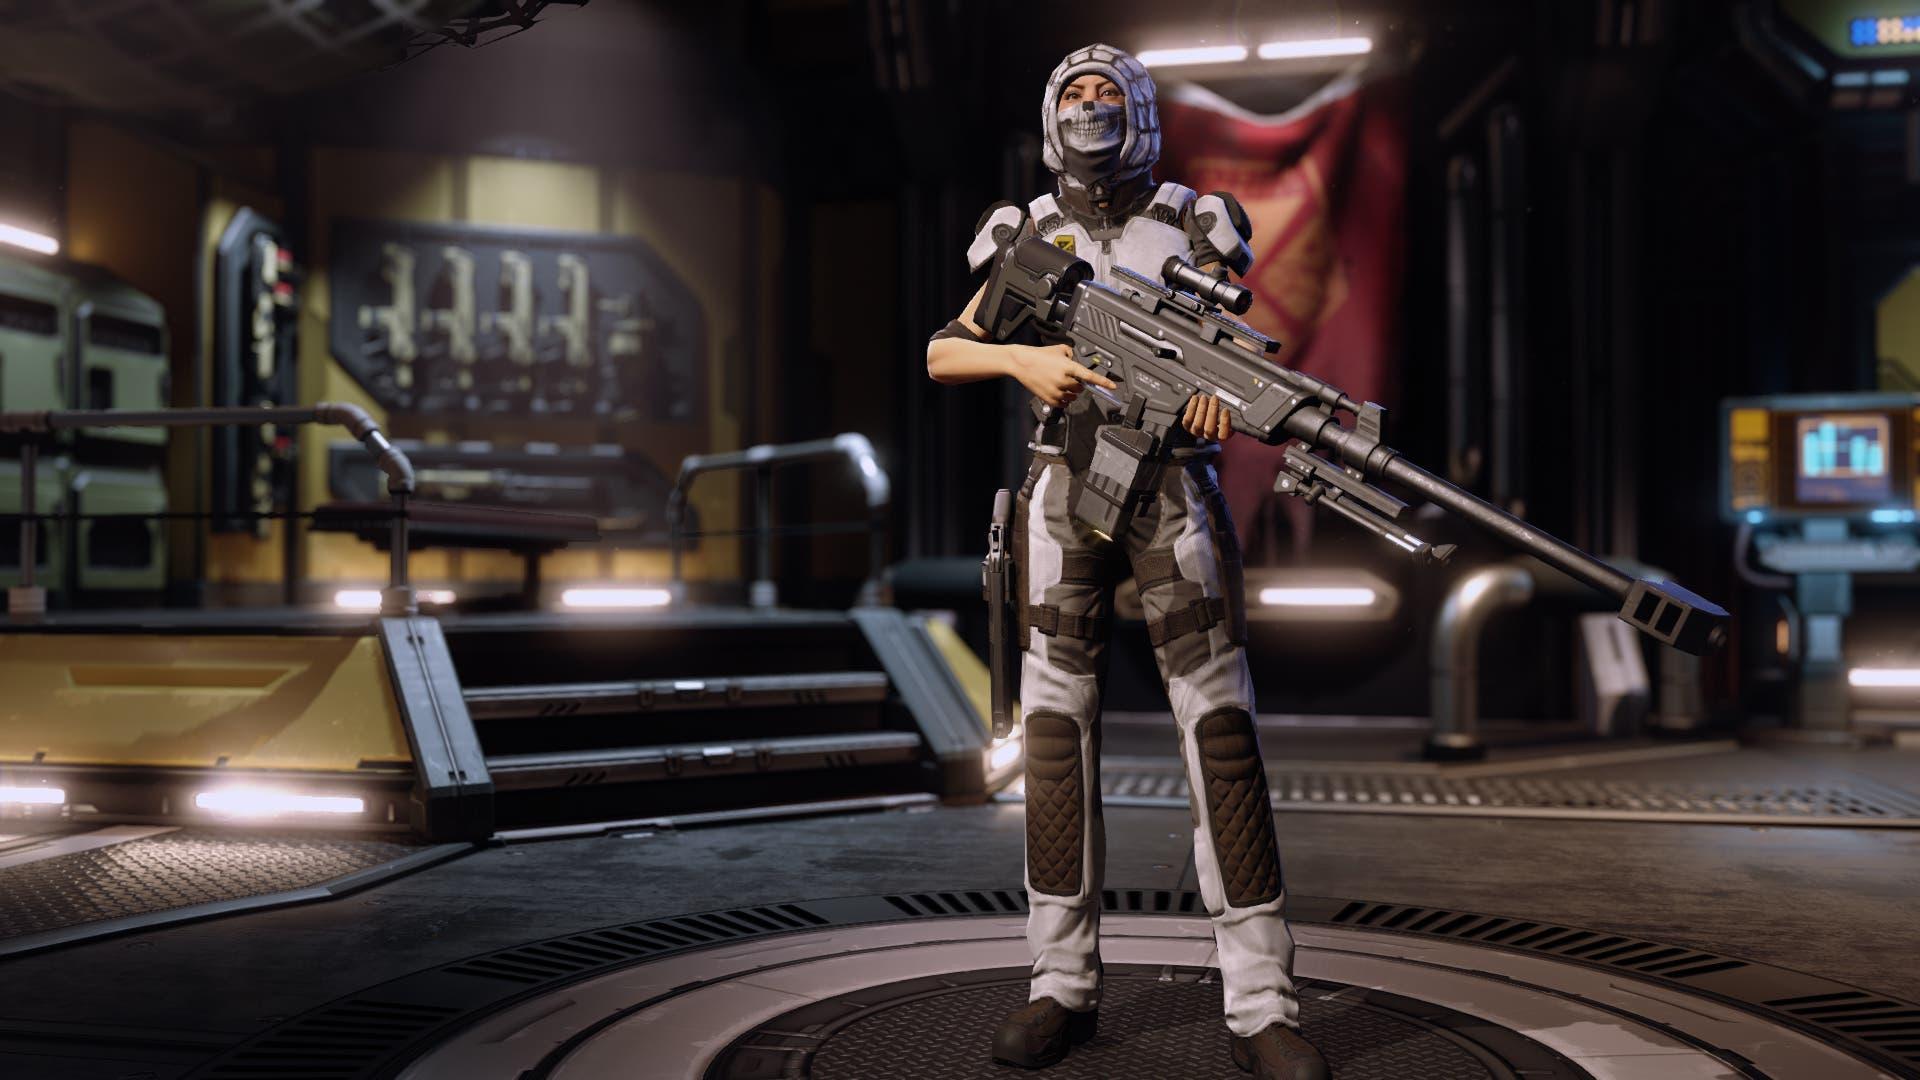 Imagen de El desarrollo de DLC de XCOM 2 no comenzará hasta que esté terminado el juego